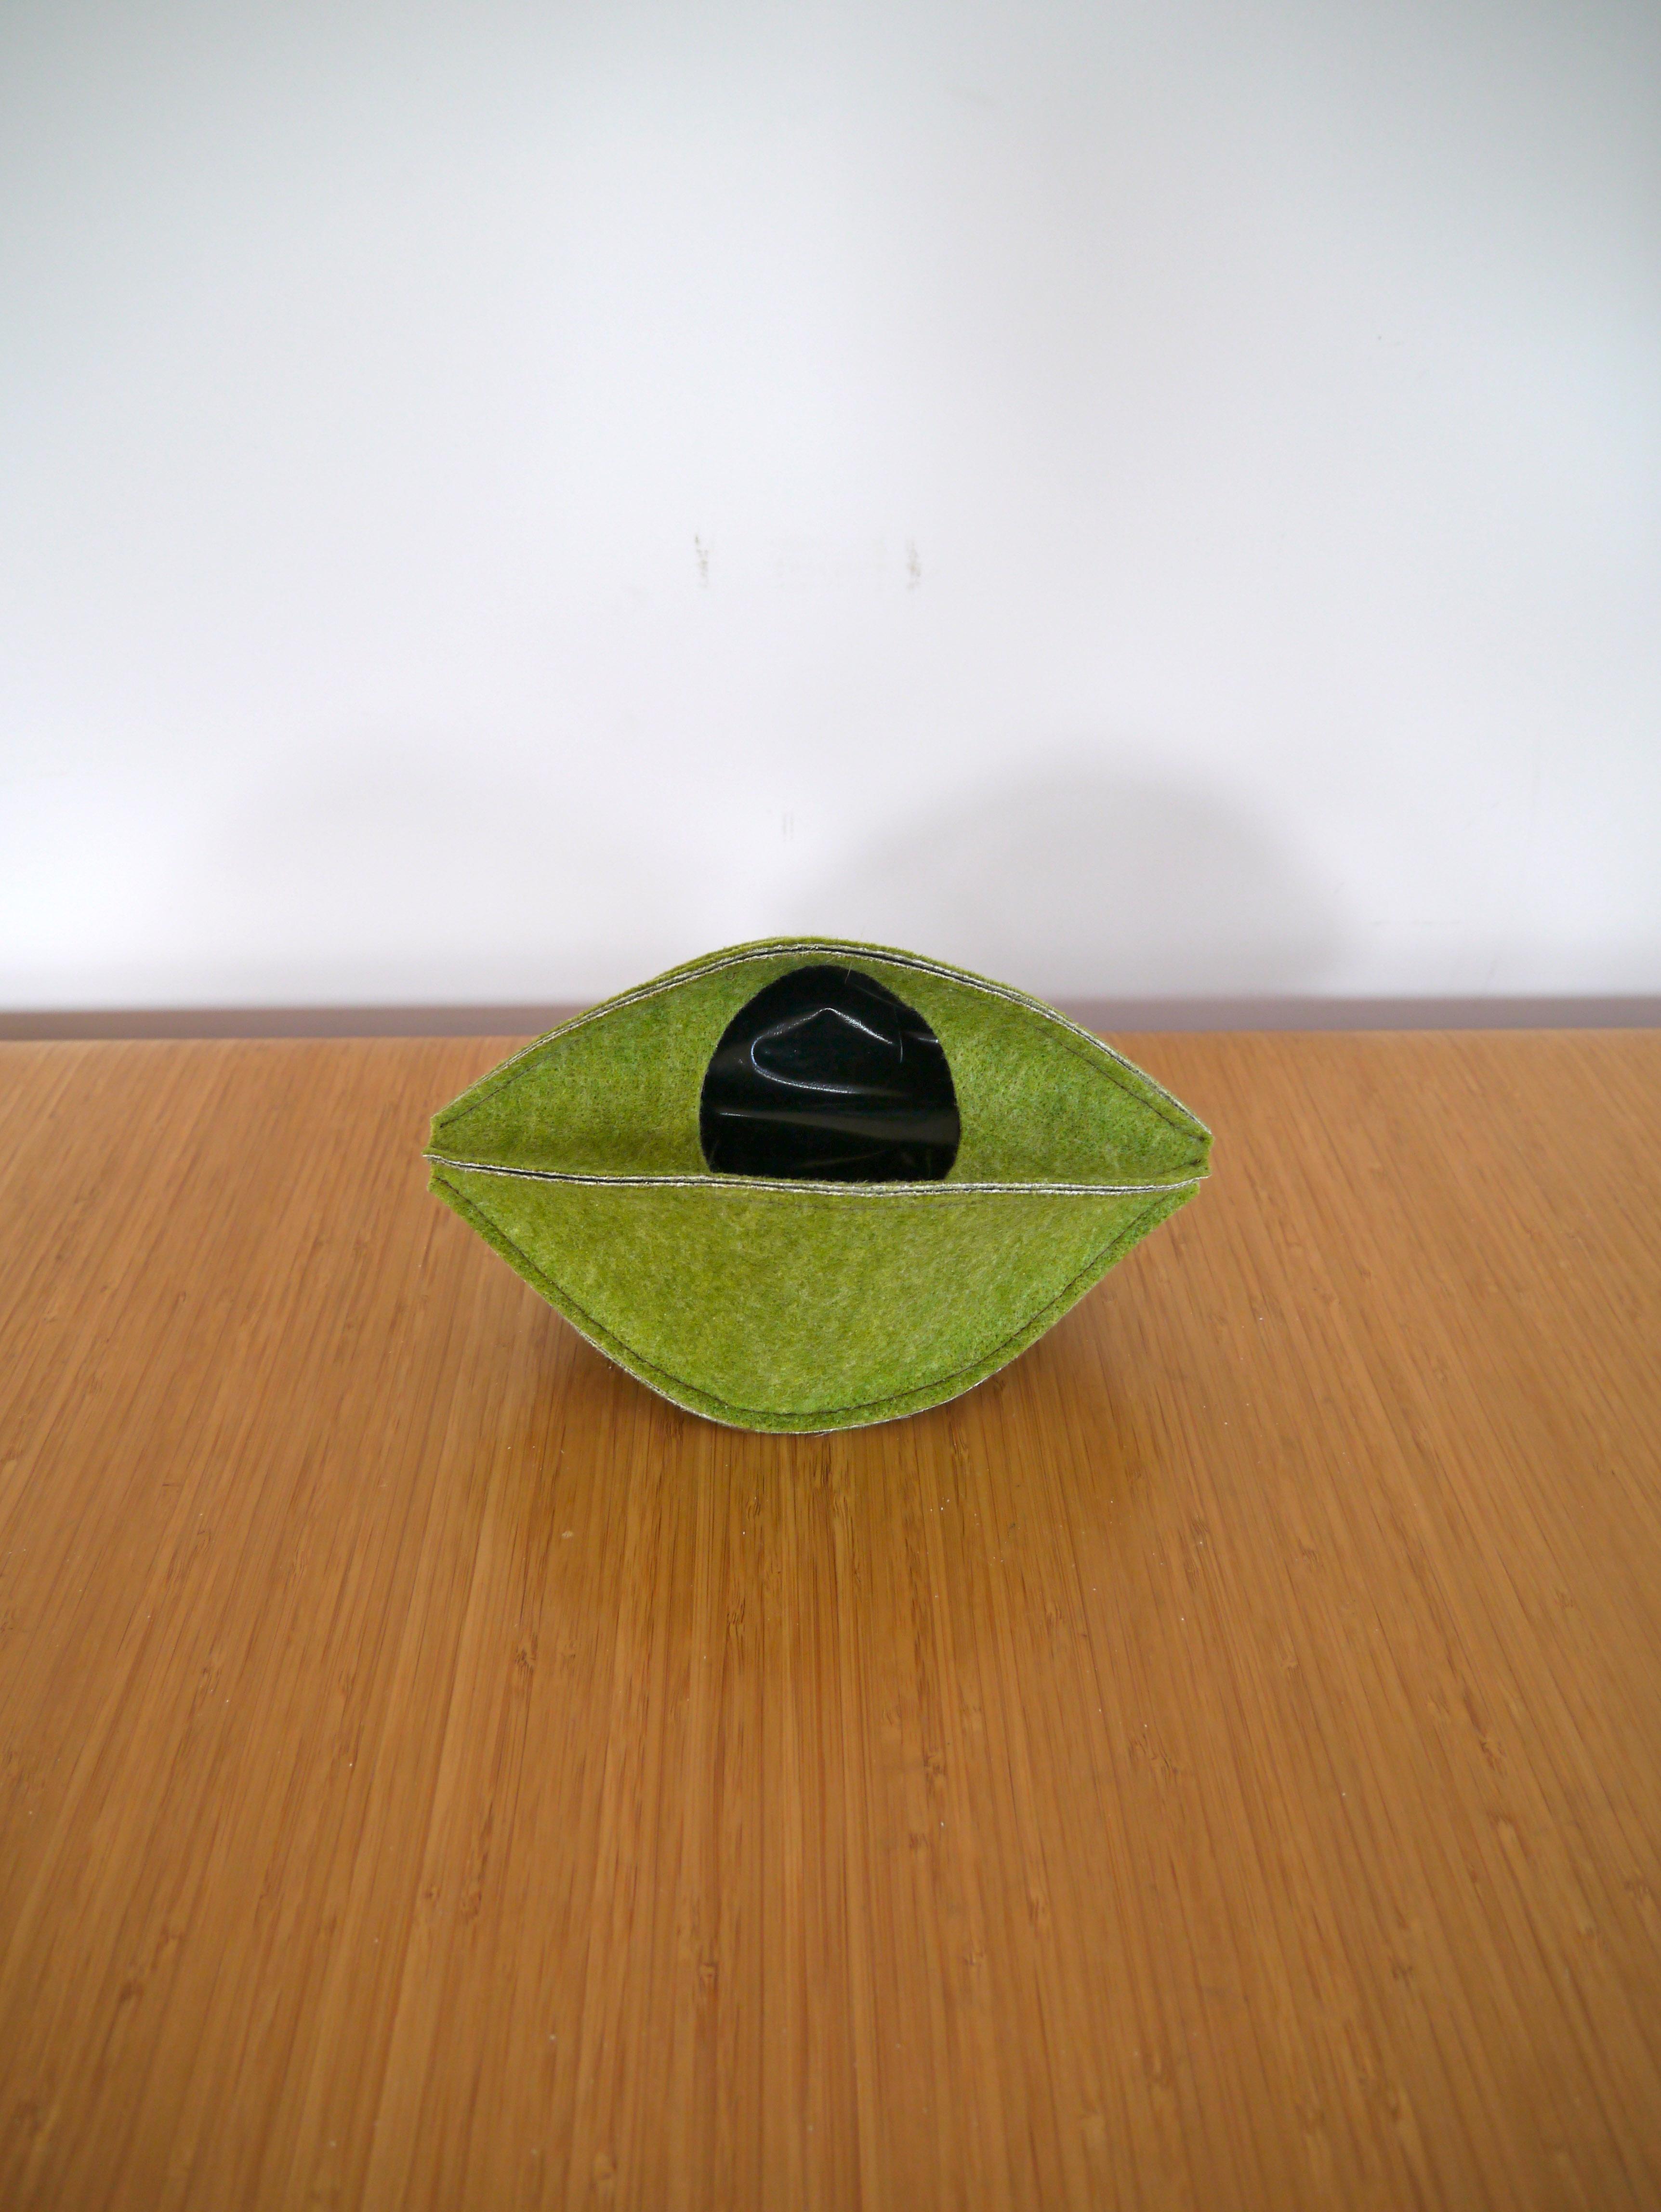 pea1 green